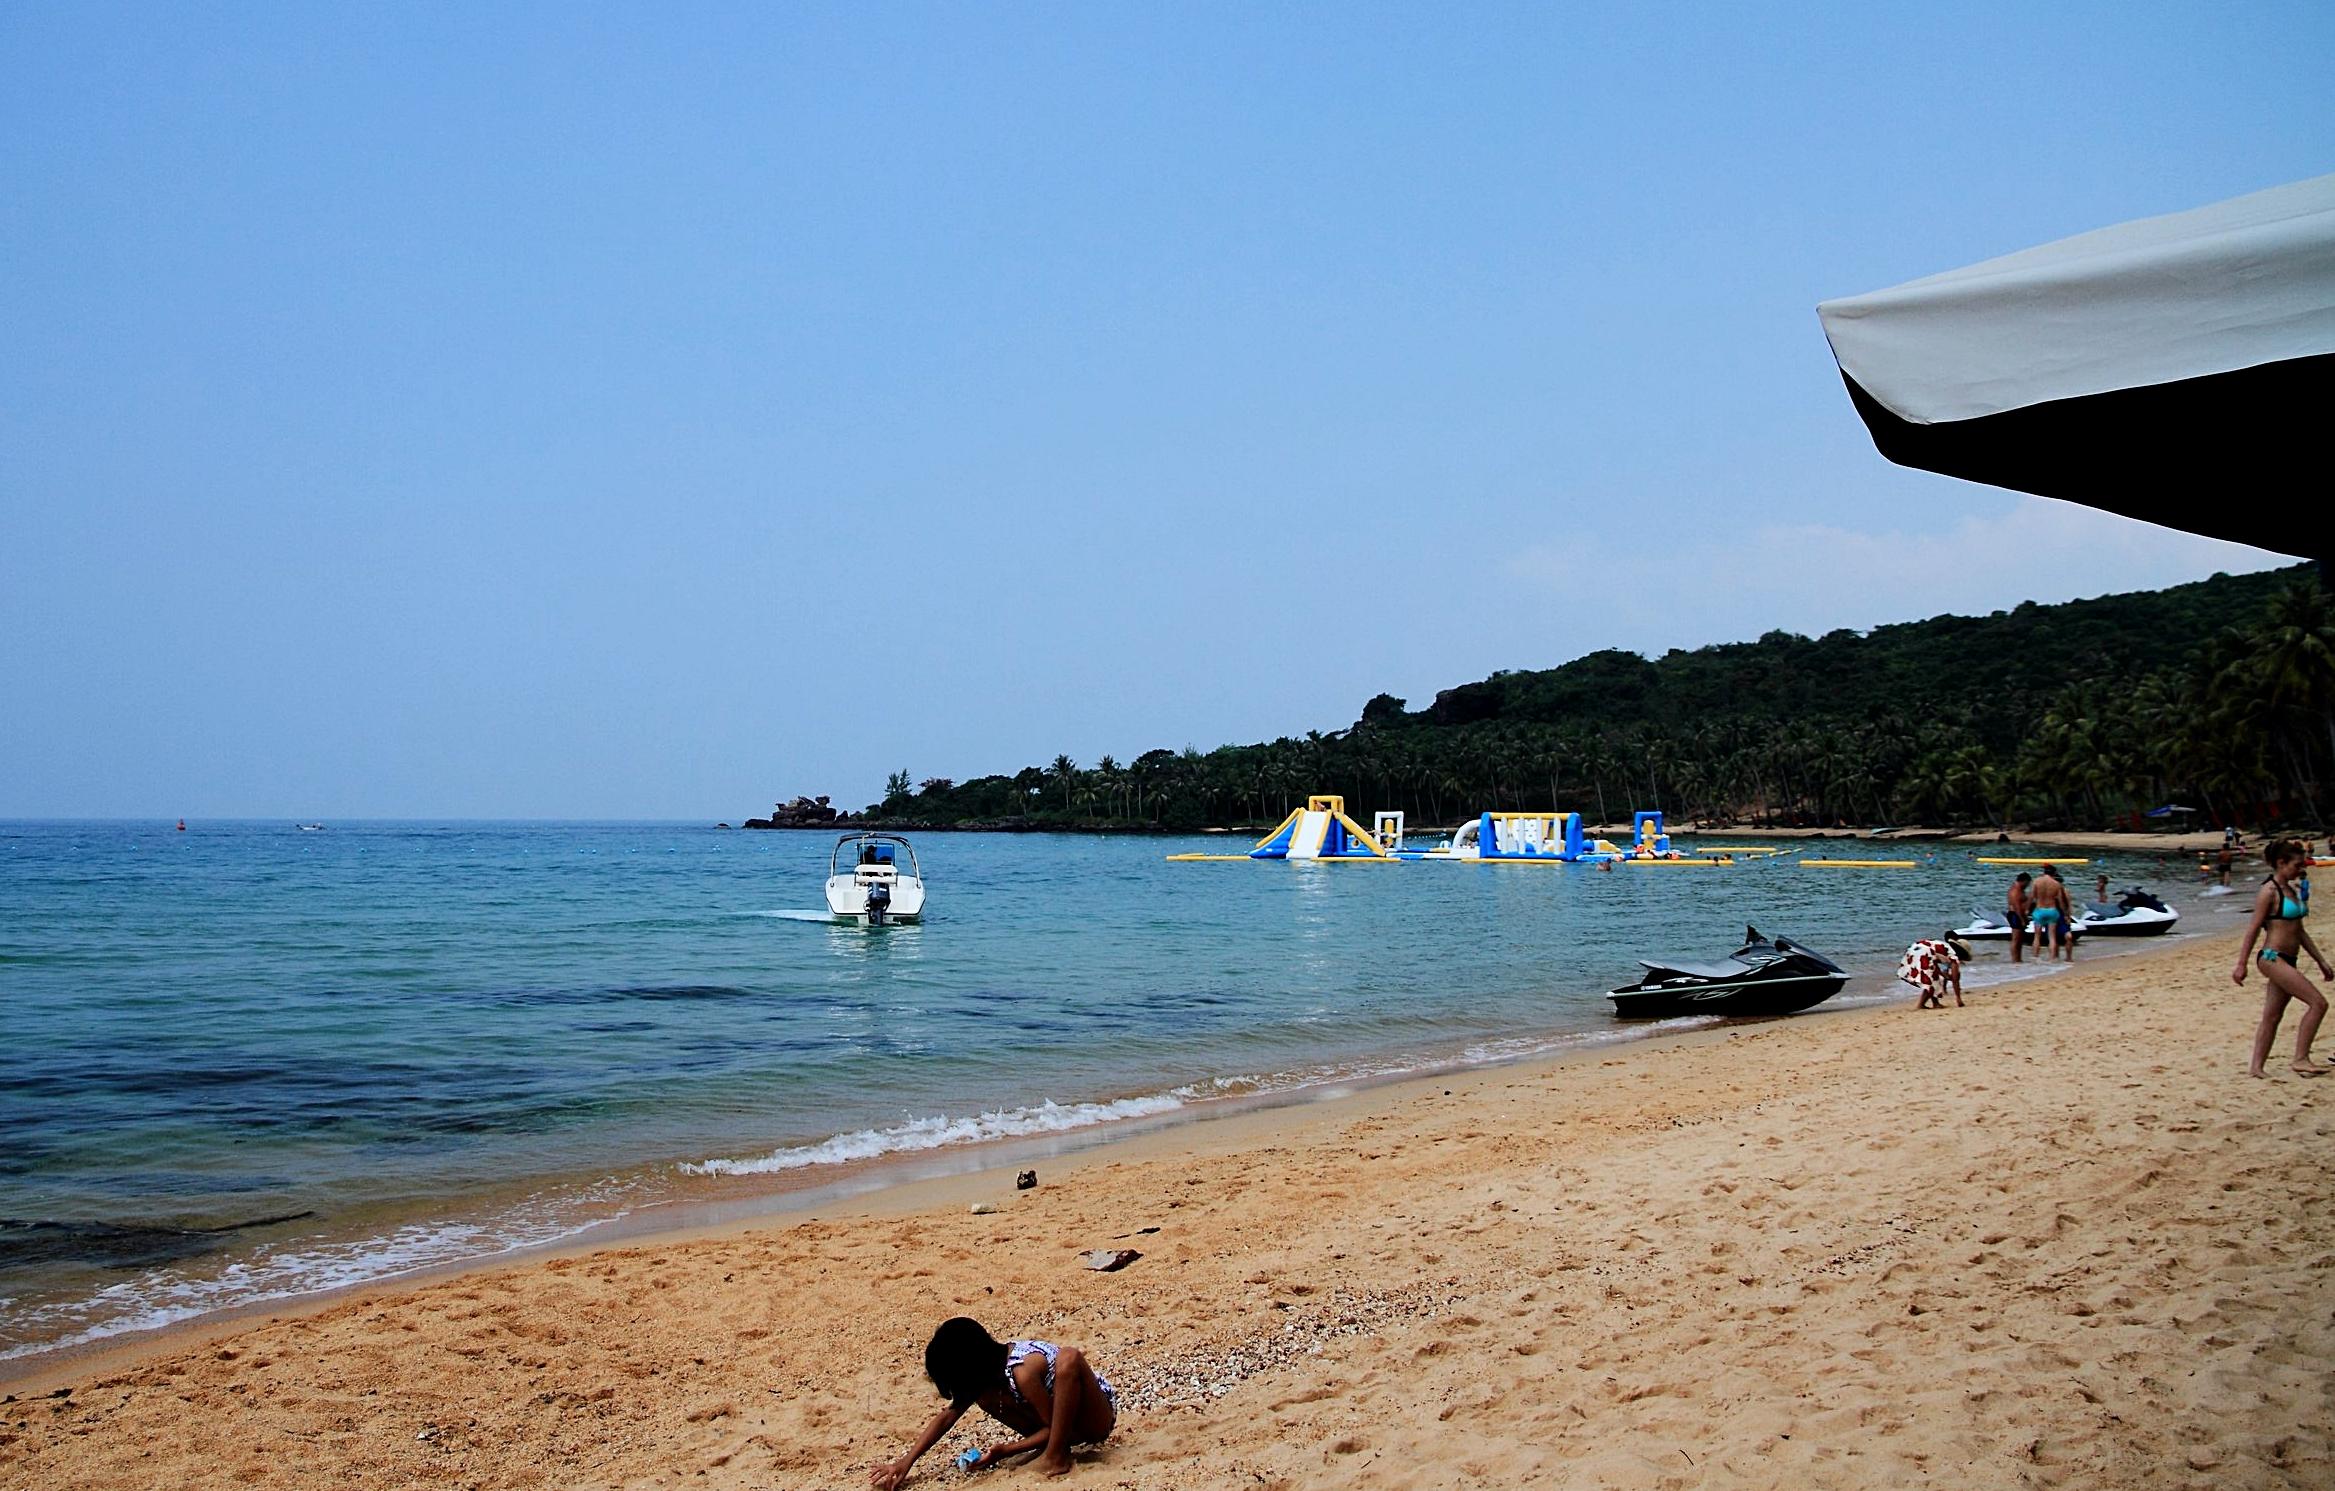 hon thom beach